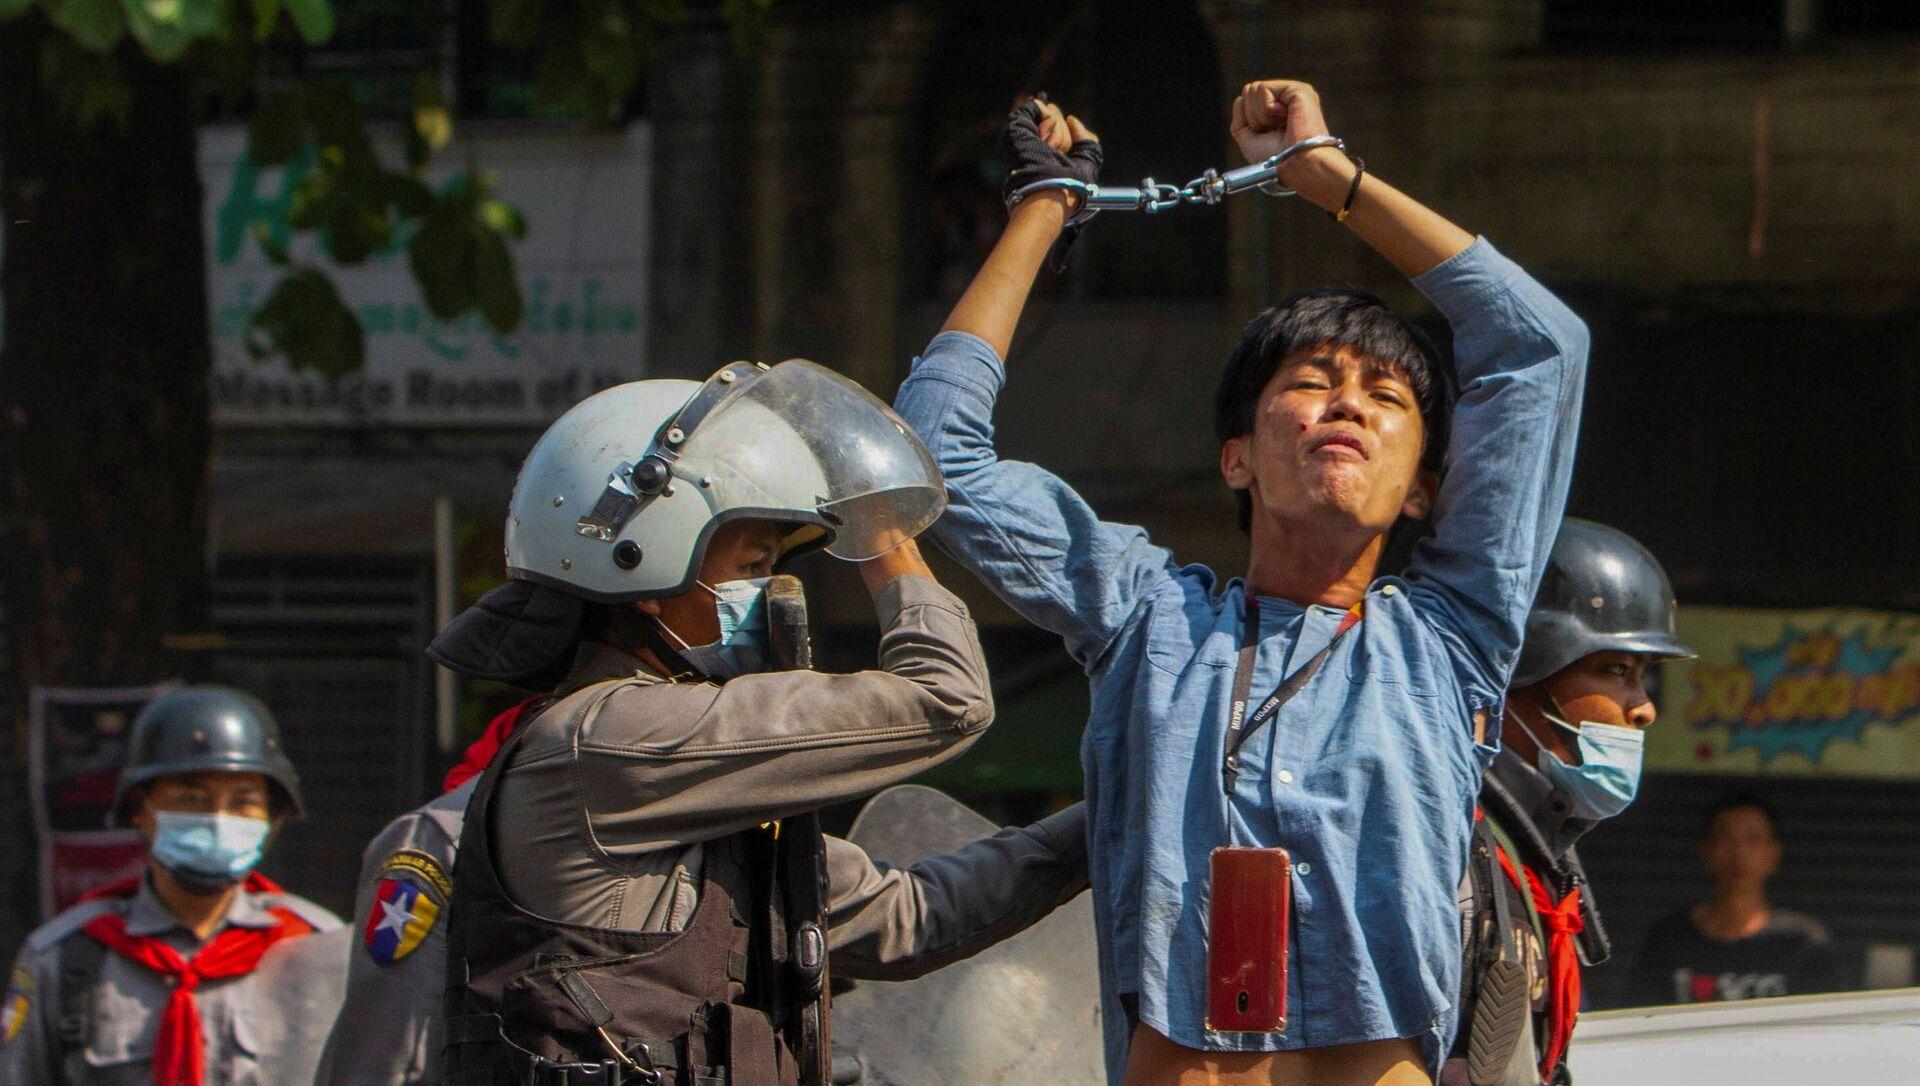 Một người biểu tình bị cảnh sát bắt giữ trong cuộc xuống đường chống lại cuộc đảo chính quân sự ở Yangon, Myanmar - Sputnik Việt Nam, 1920, 22.03.2021